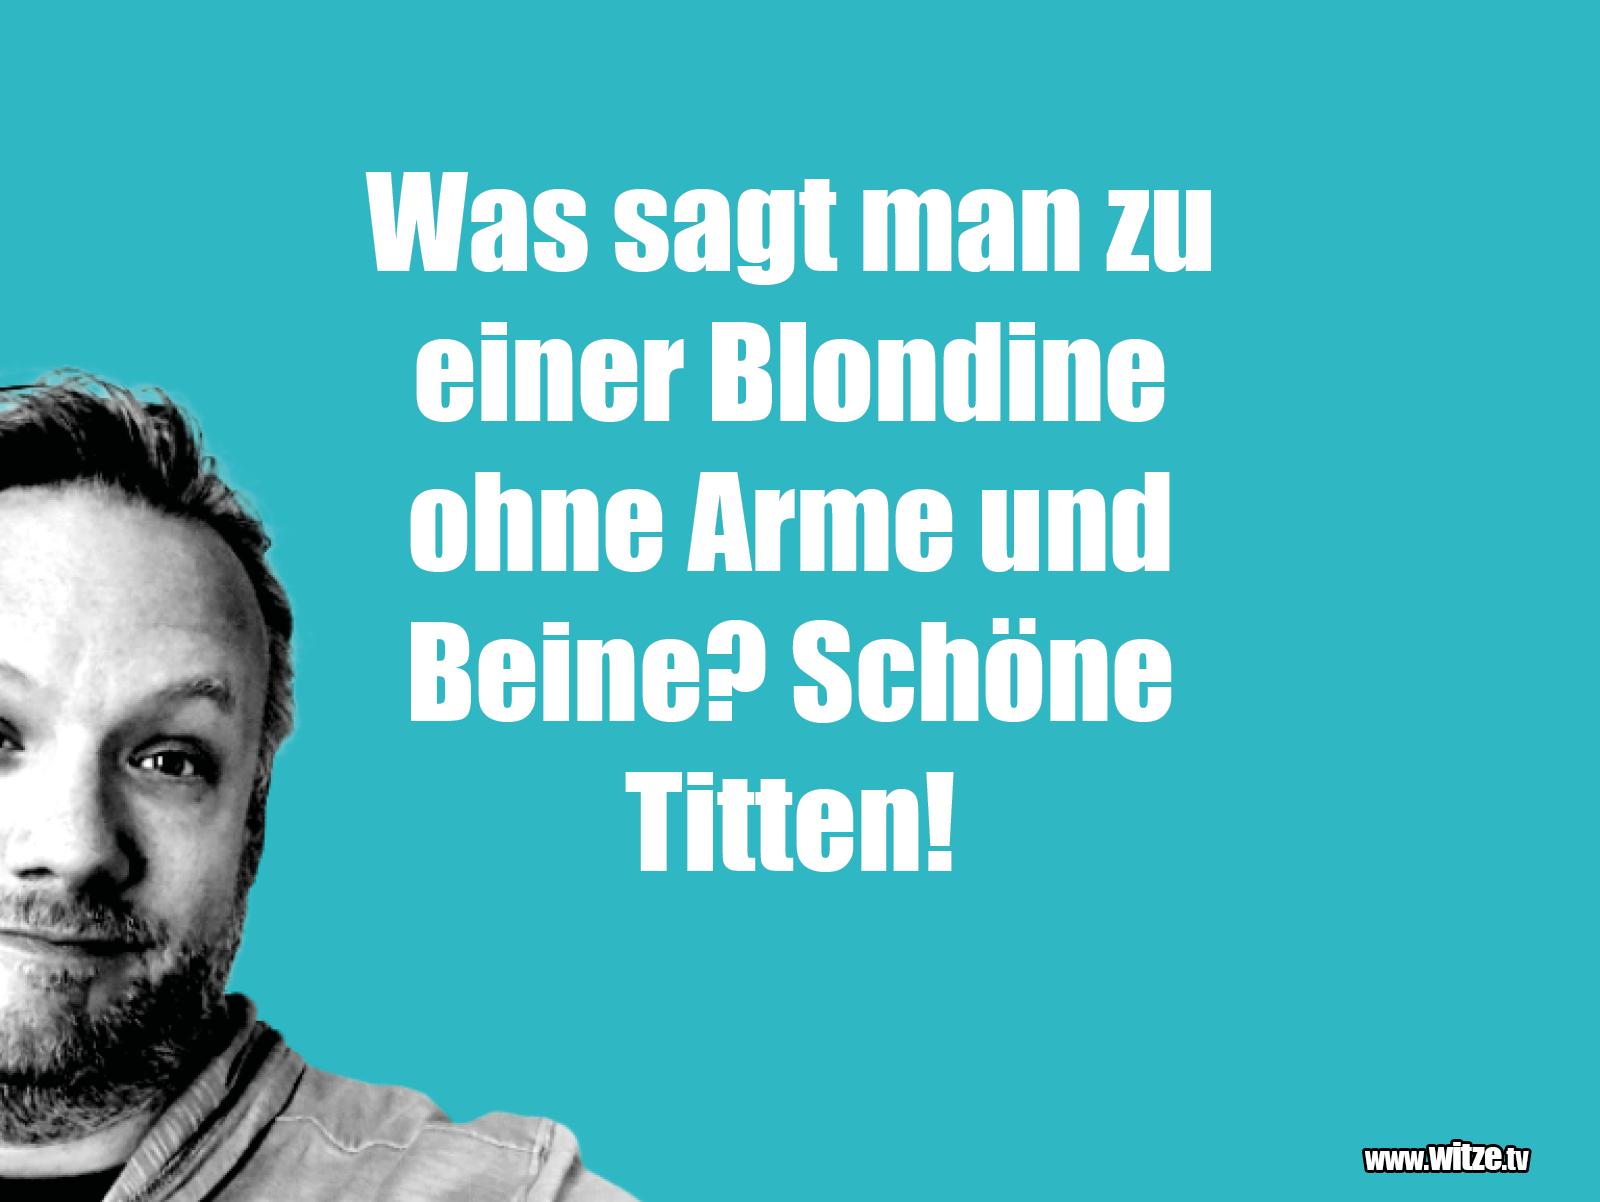 Das ist Humor... Was sagt man zu einer Blondine...